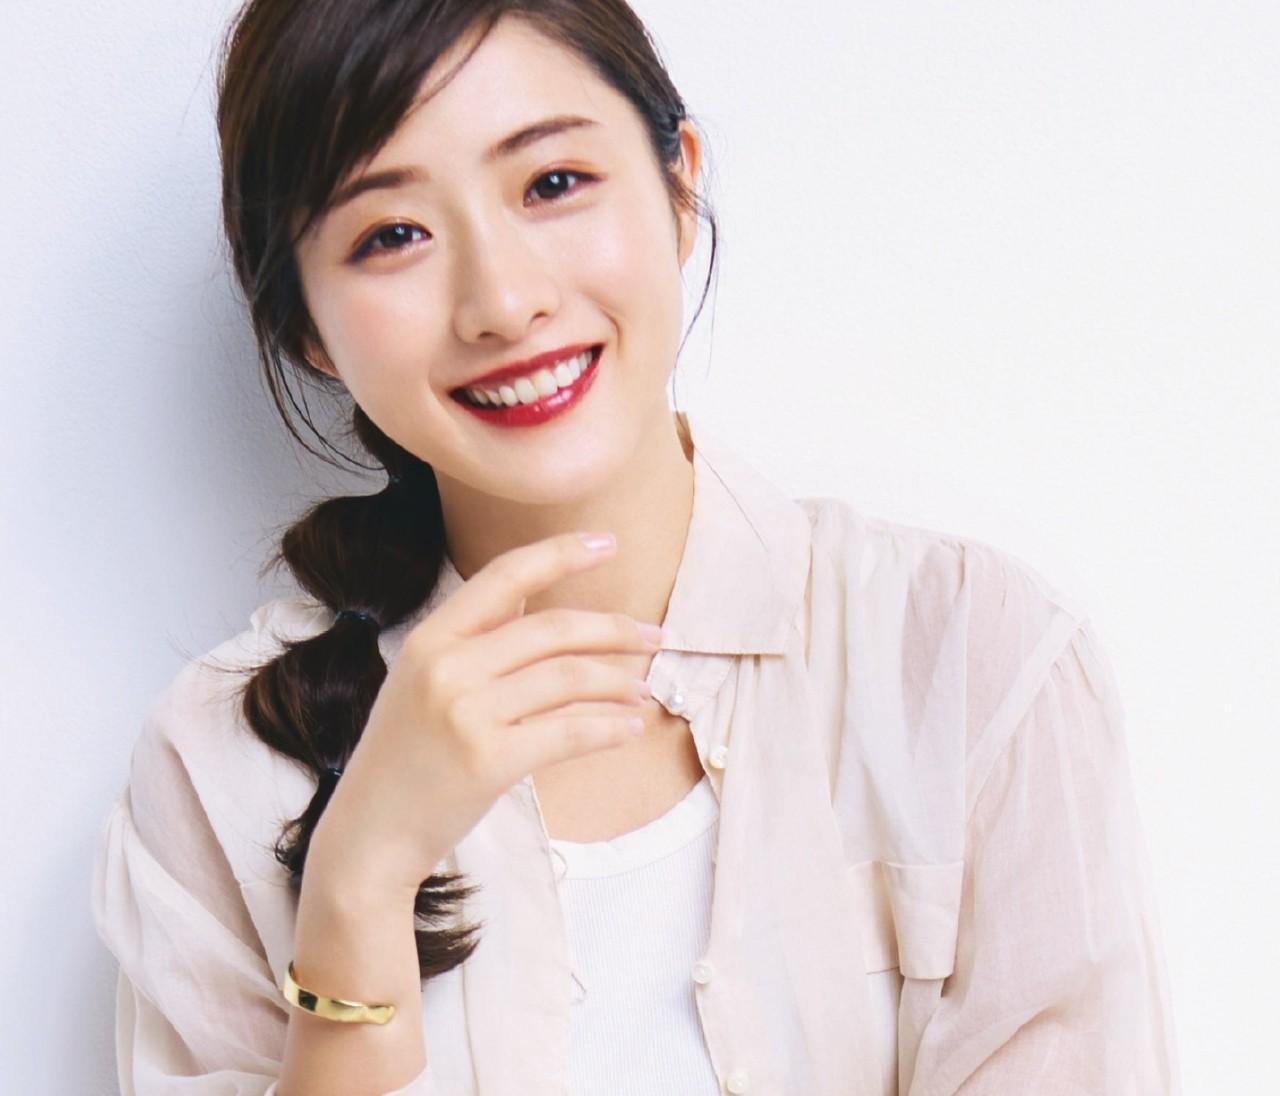 【石原さとみさんインタビュー】女子憧れ美女のライフスタイルを深掘り!